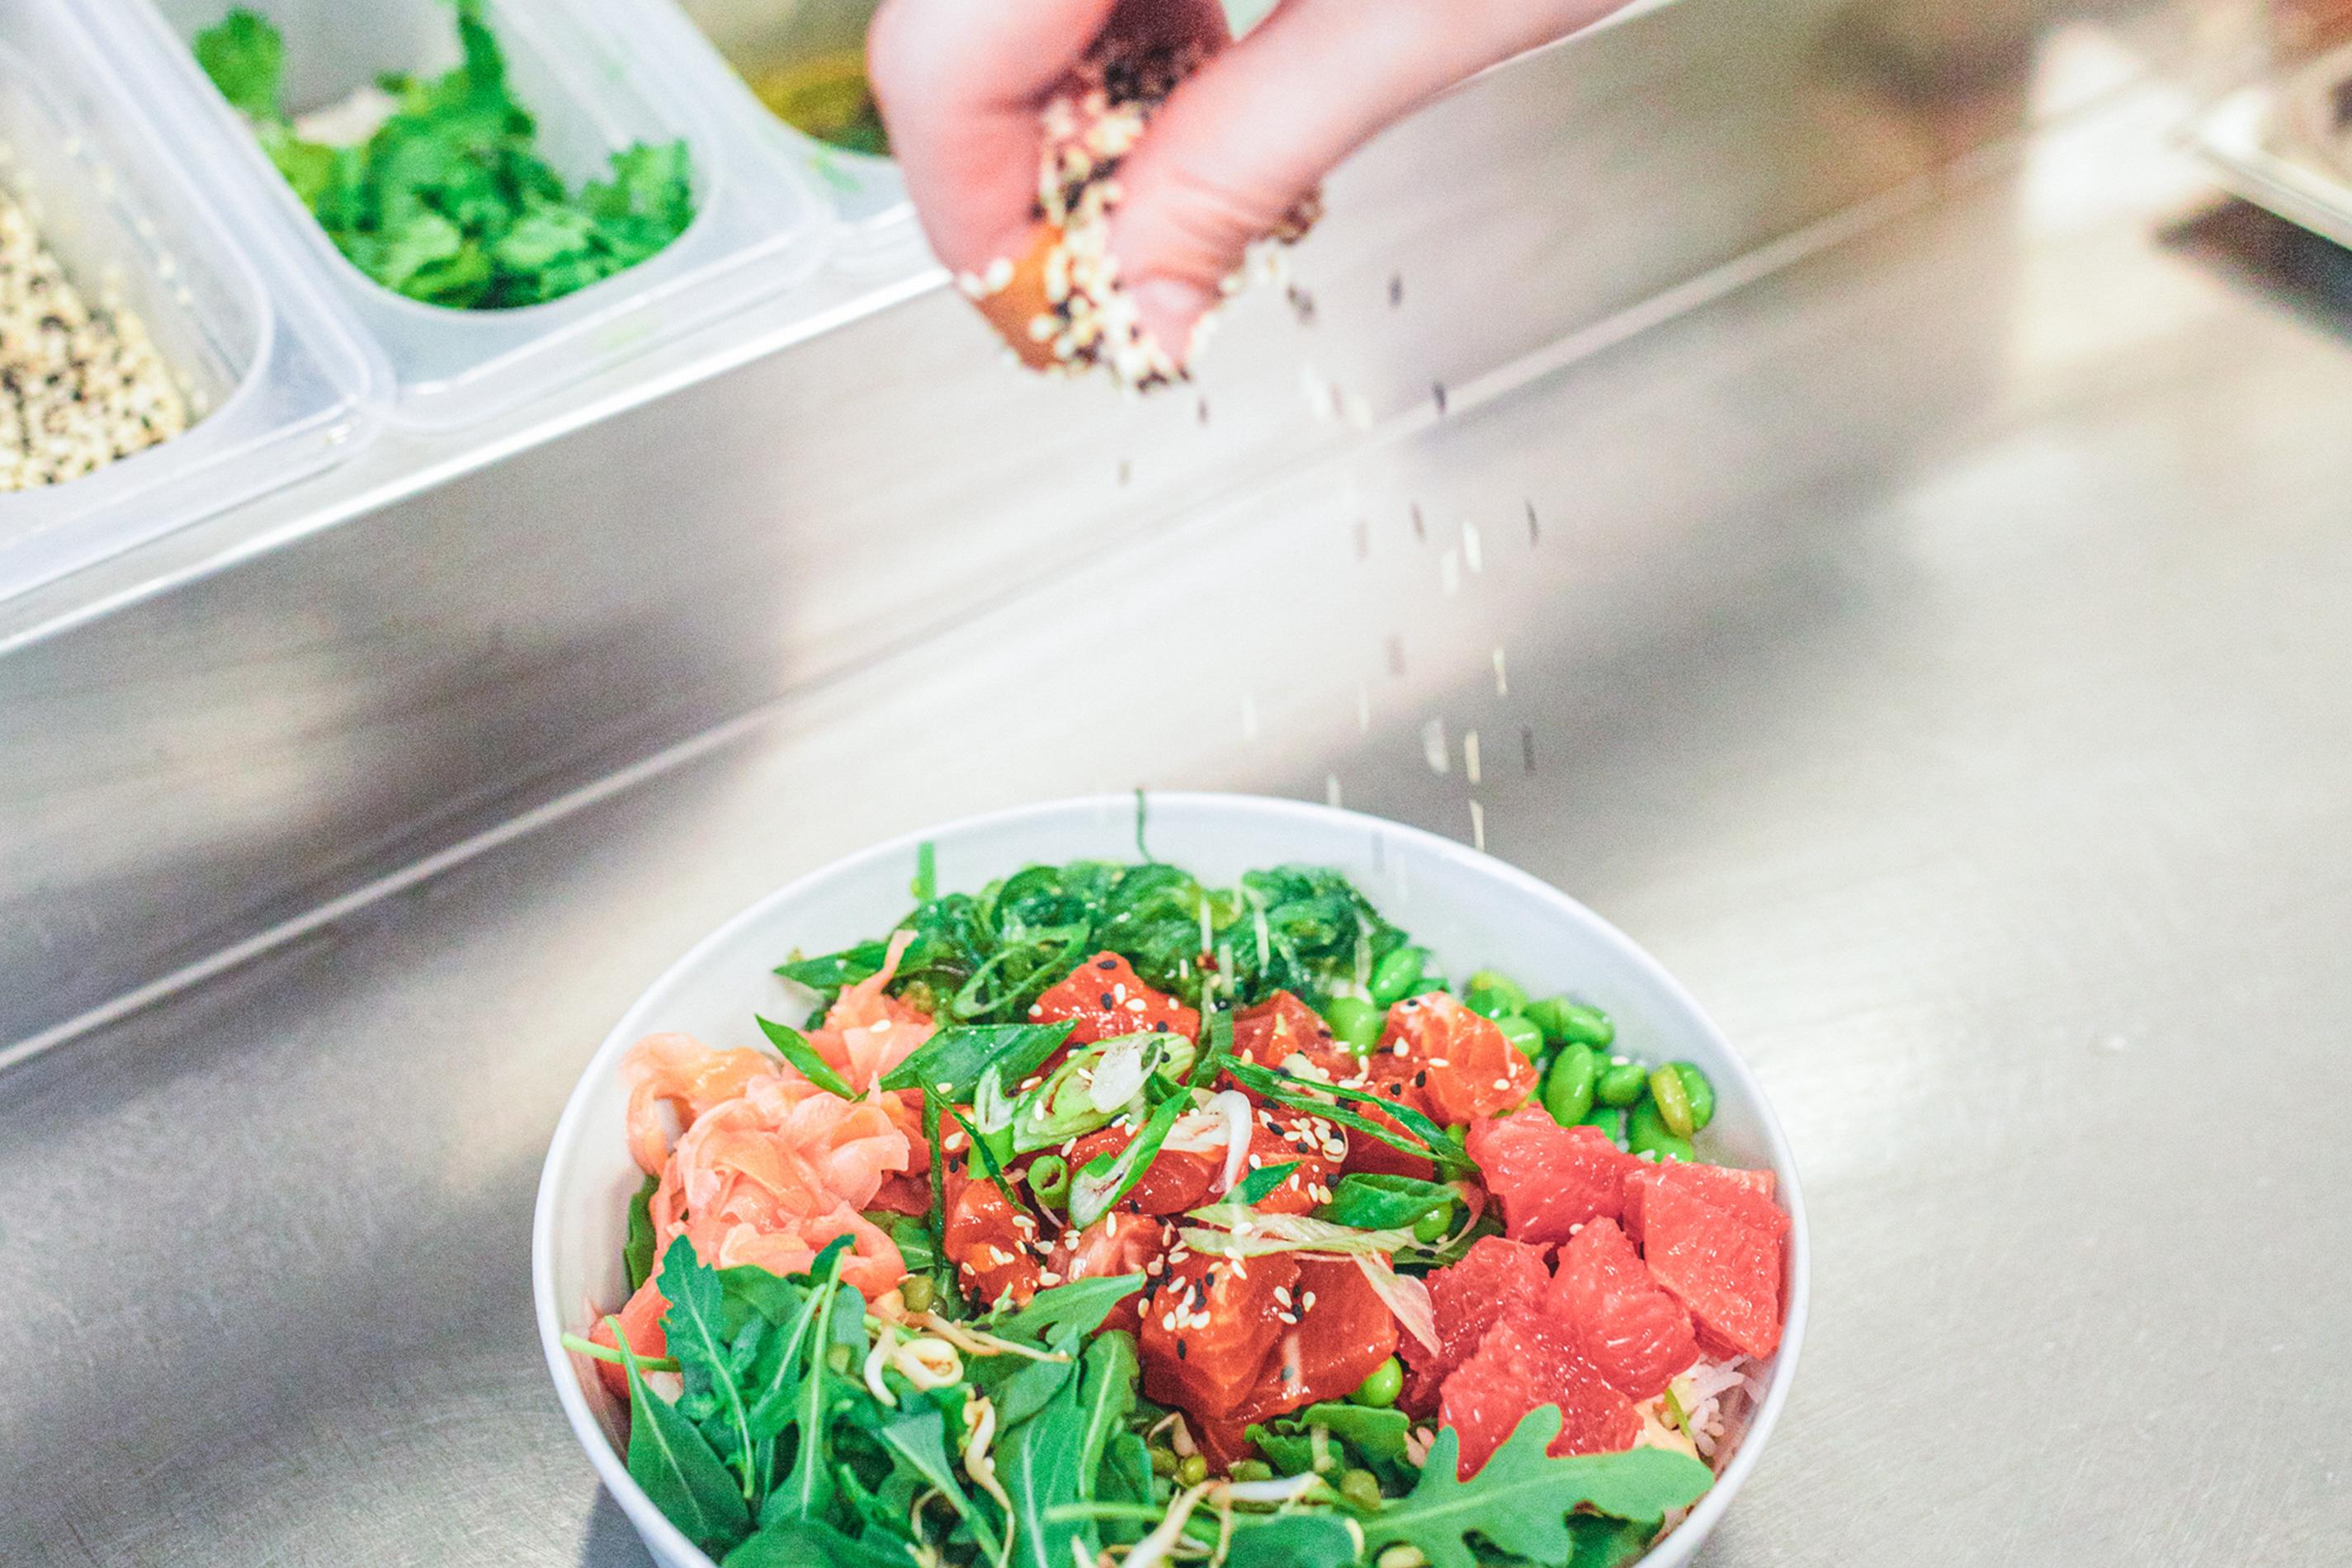 Poke bowl making fingers ingredients green salad